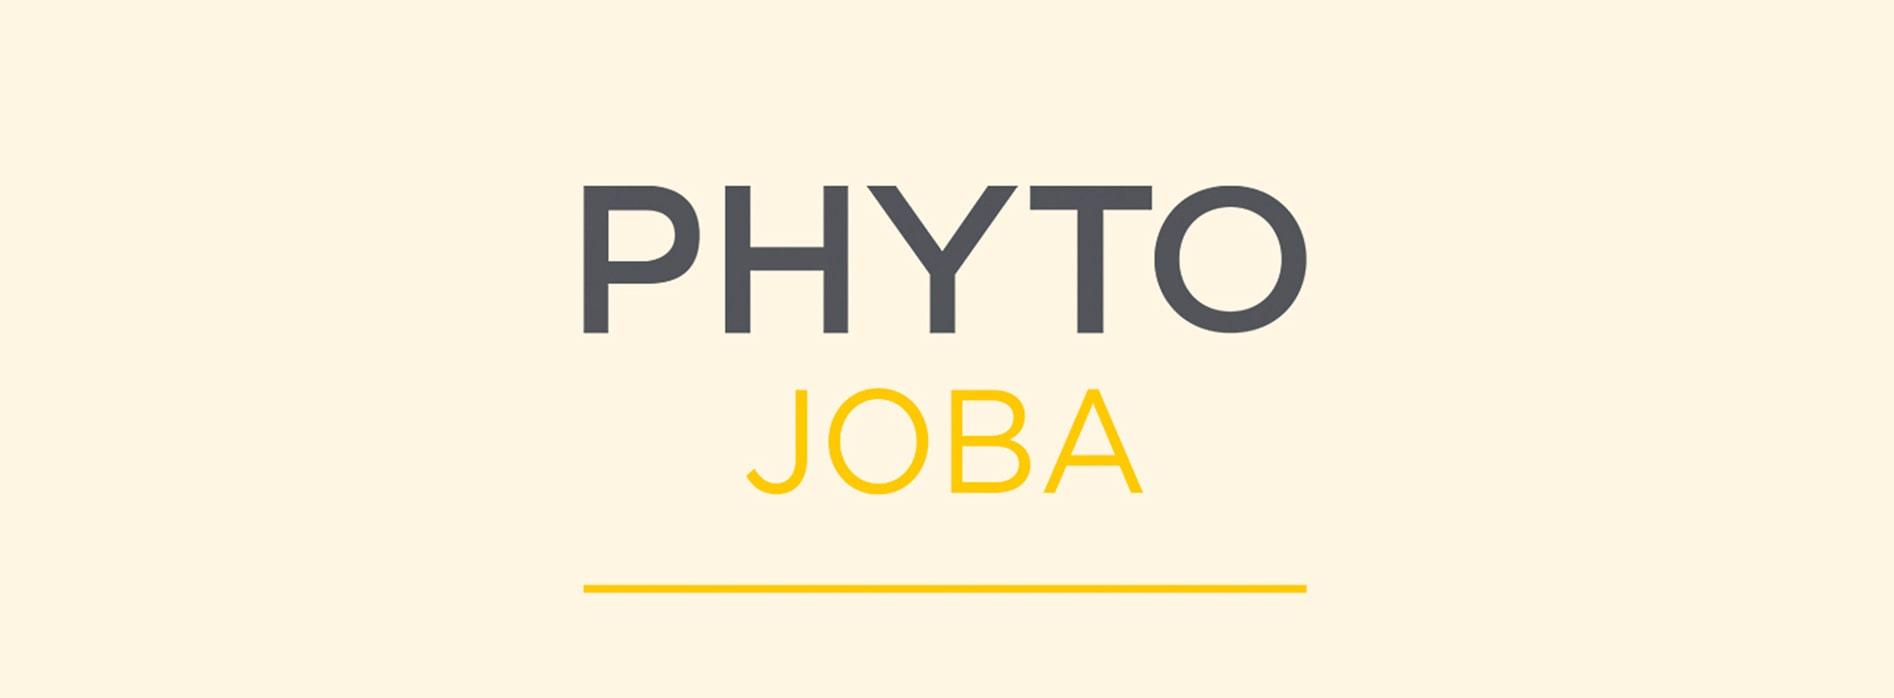 Phytojoba